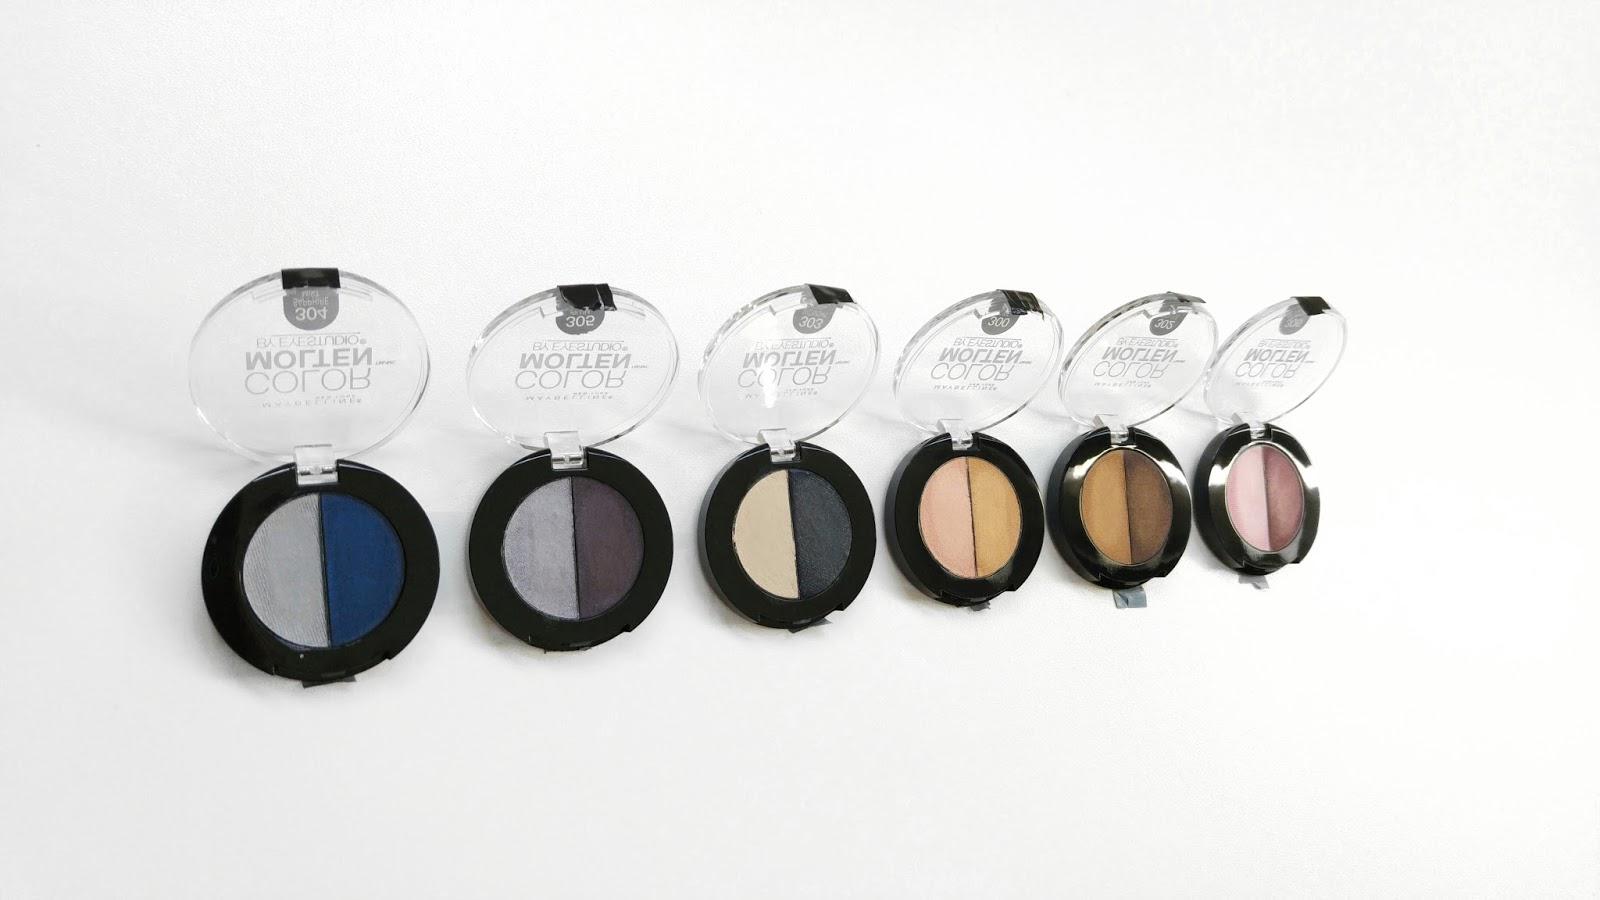 Maybelline Color Molten Eyeshadows